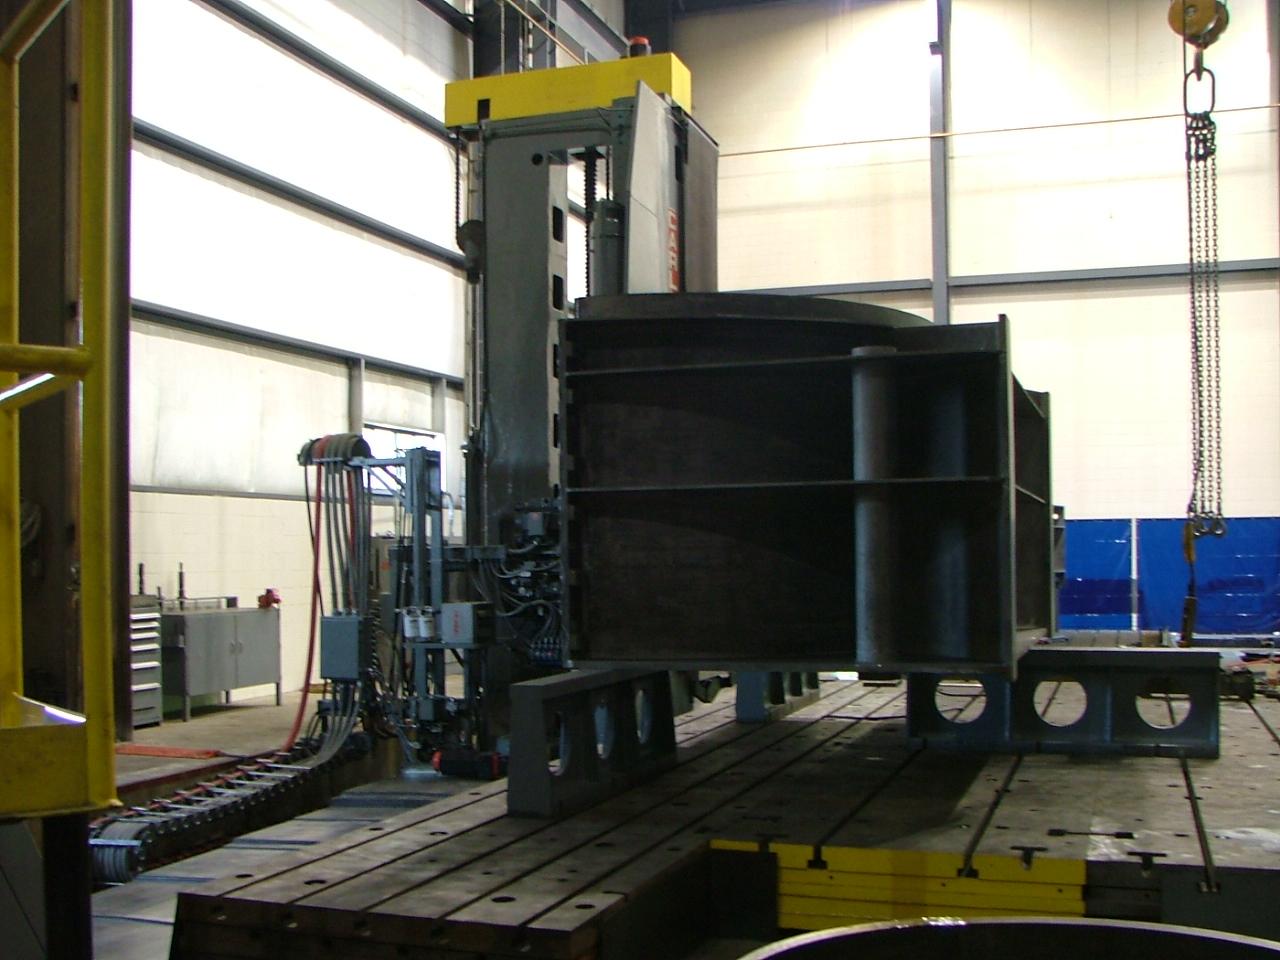 Used Horizontal Boring Mill Carlton 6HDB Heavy Duty 1980